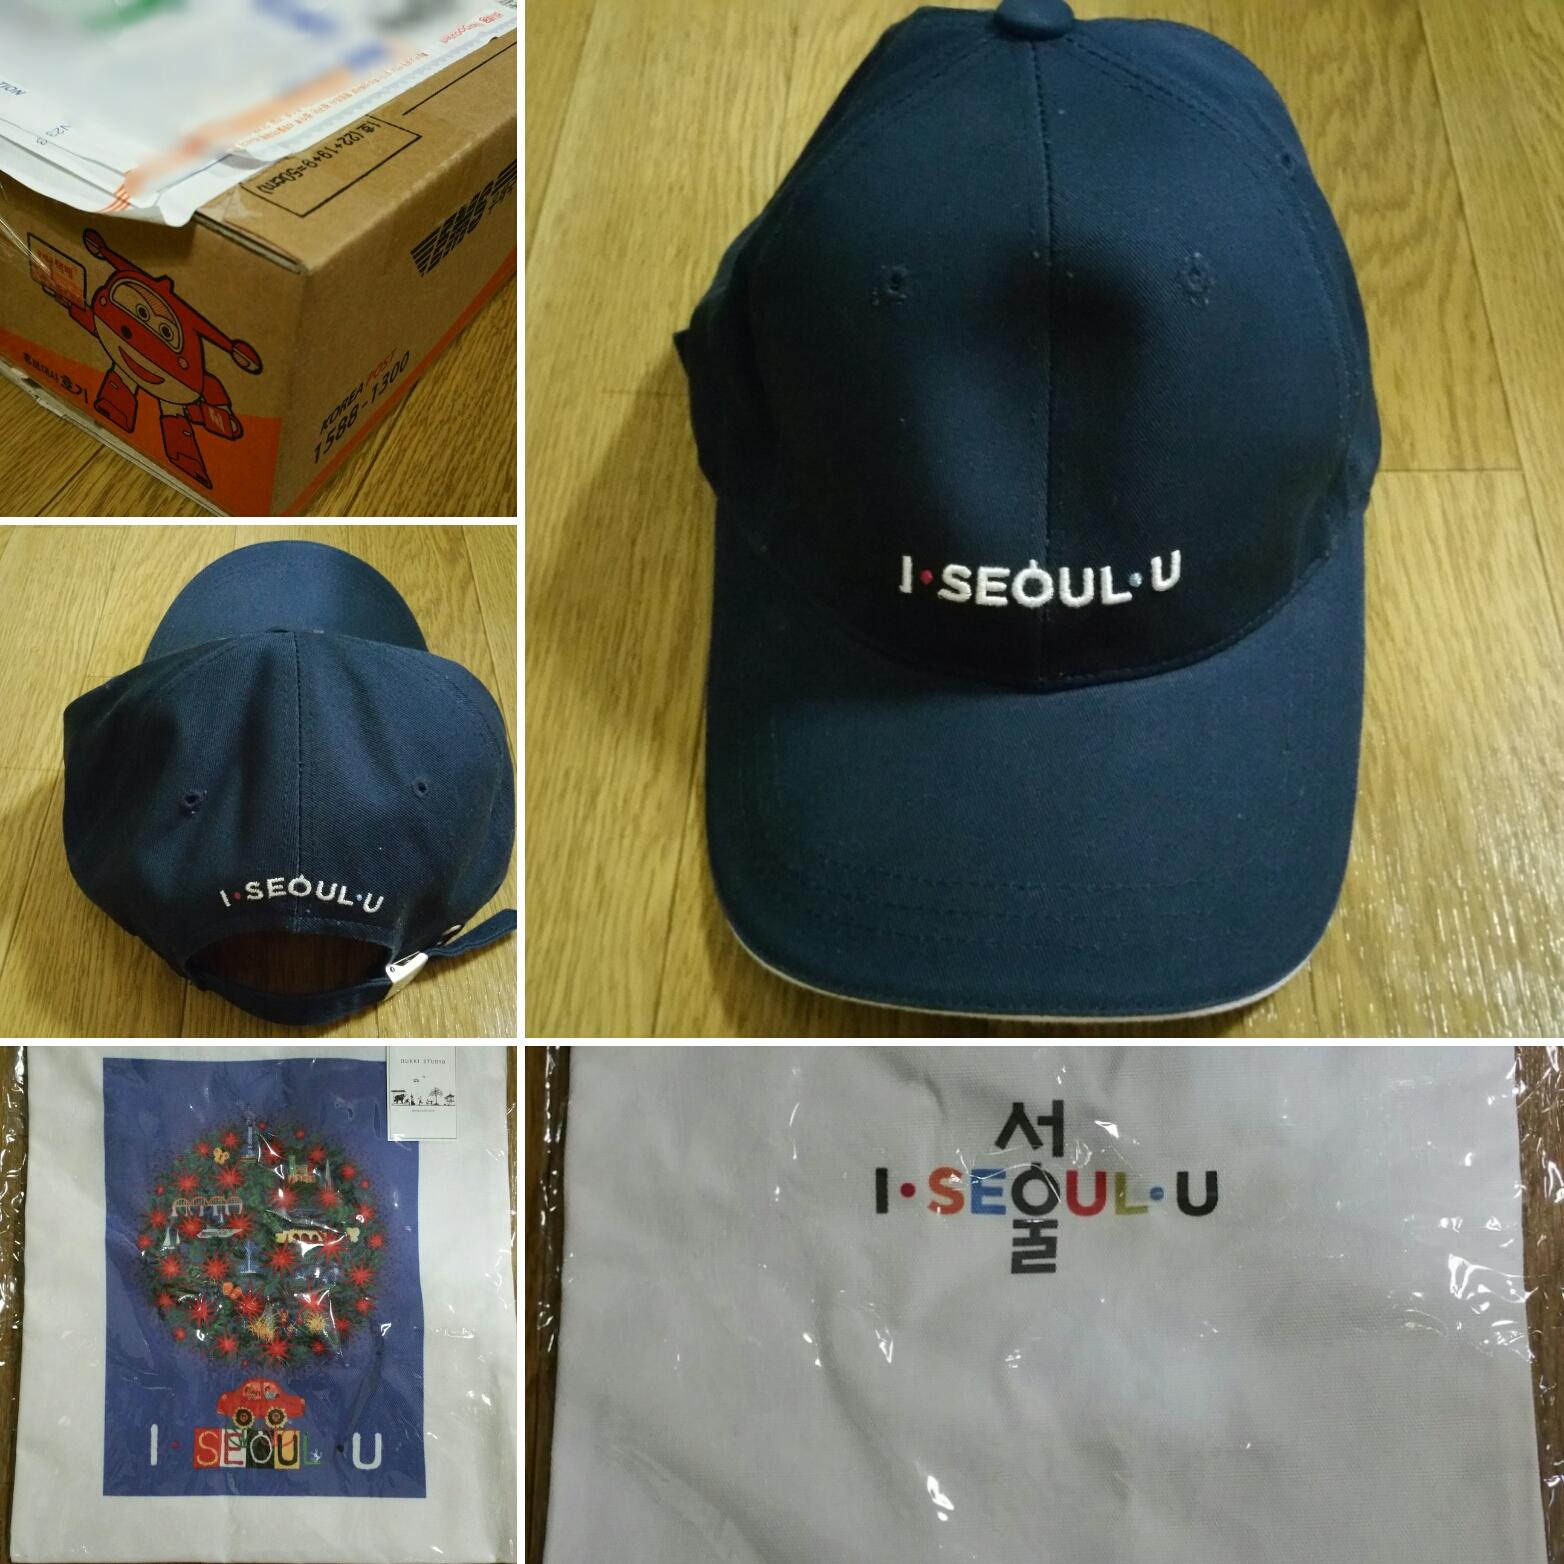 ソウル市さんからのプレゼント。